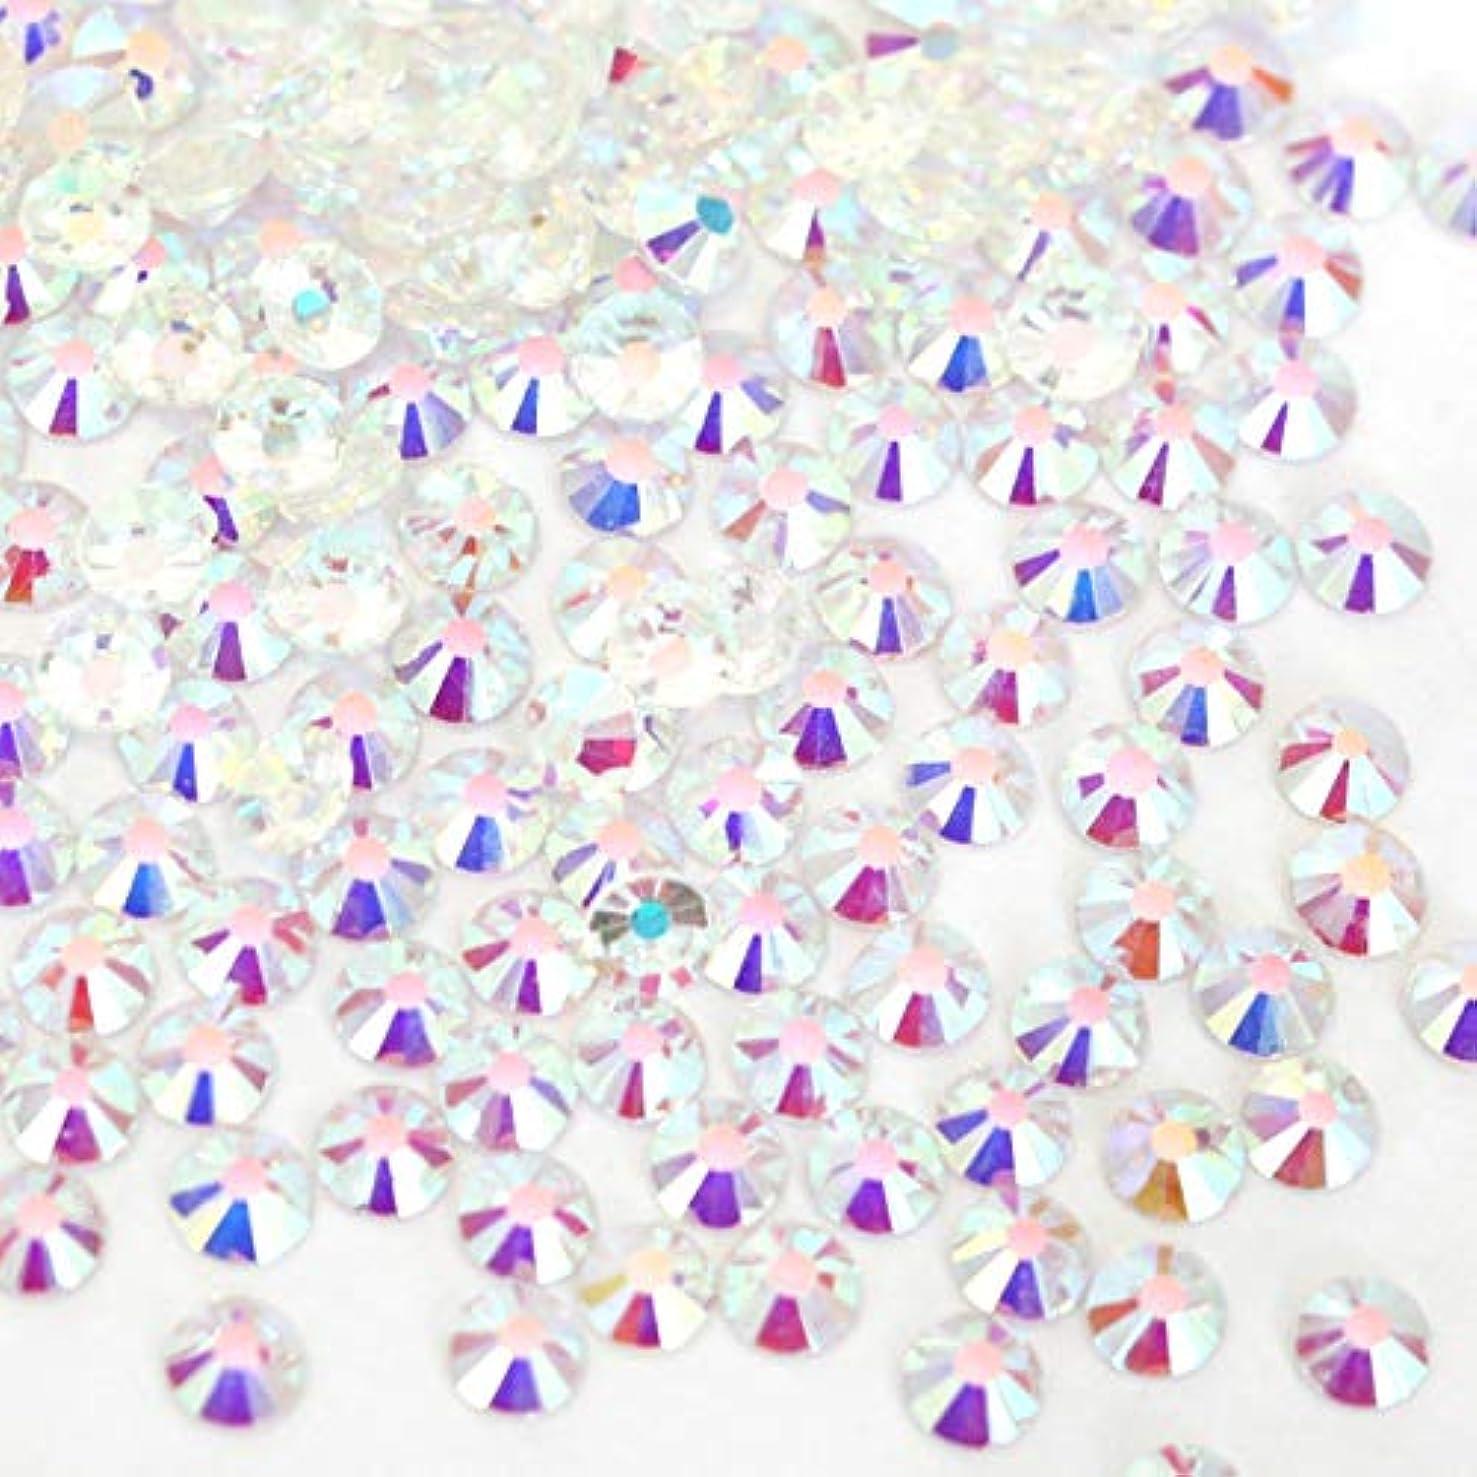 迷路考えるただやる【ラインストーン77】 ガラス製ラインストーン オーロラクリスタルアンホイル(透明底)各サイズ選択可能 スワロフスキー同等 (SS16 約150粒)